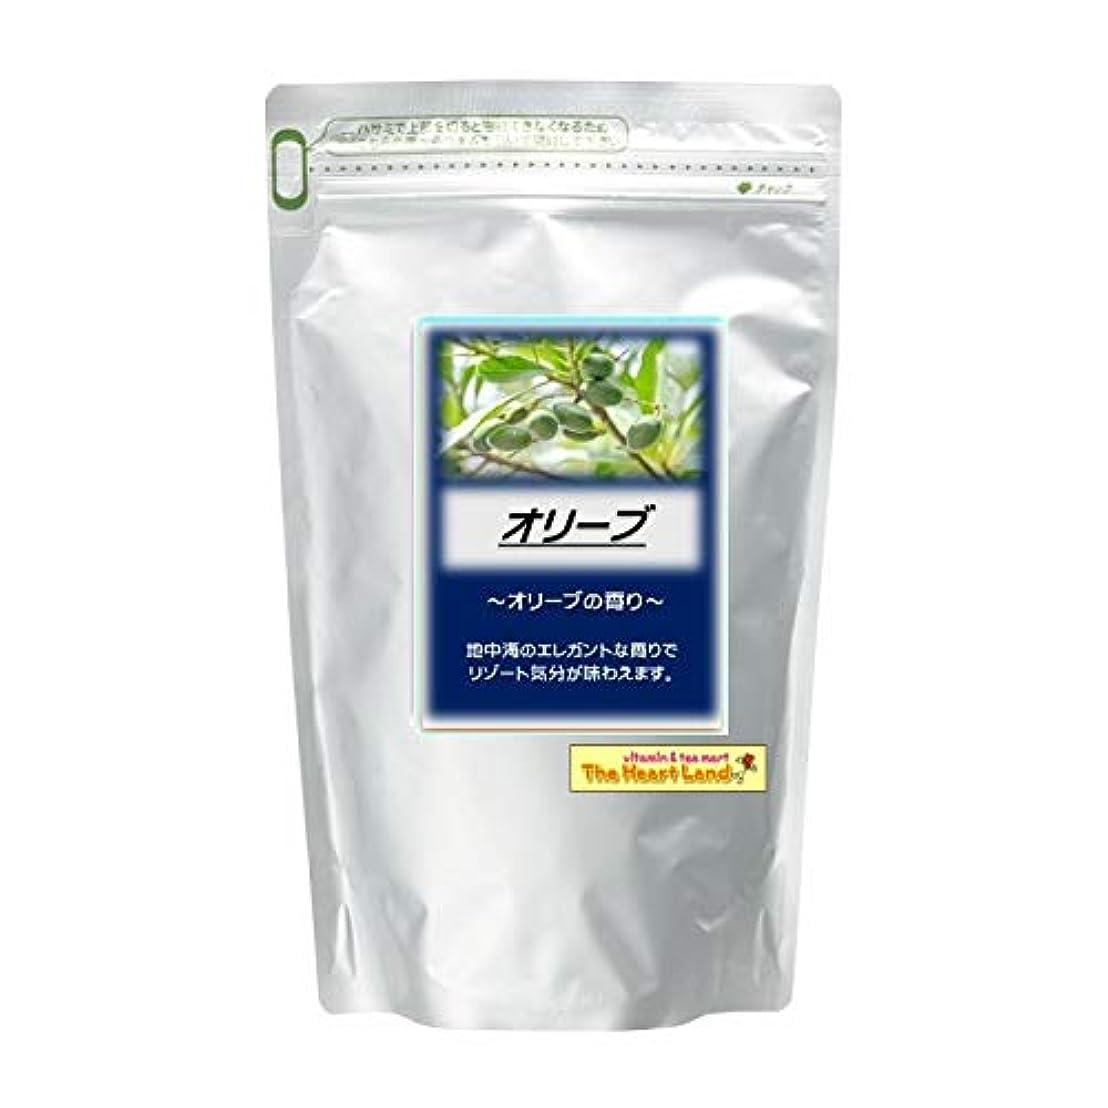 近々うまれたライオンアサヒ入浴剤 浴用入浴化粧品 オリーブ 300g